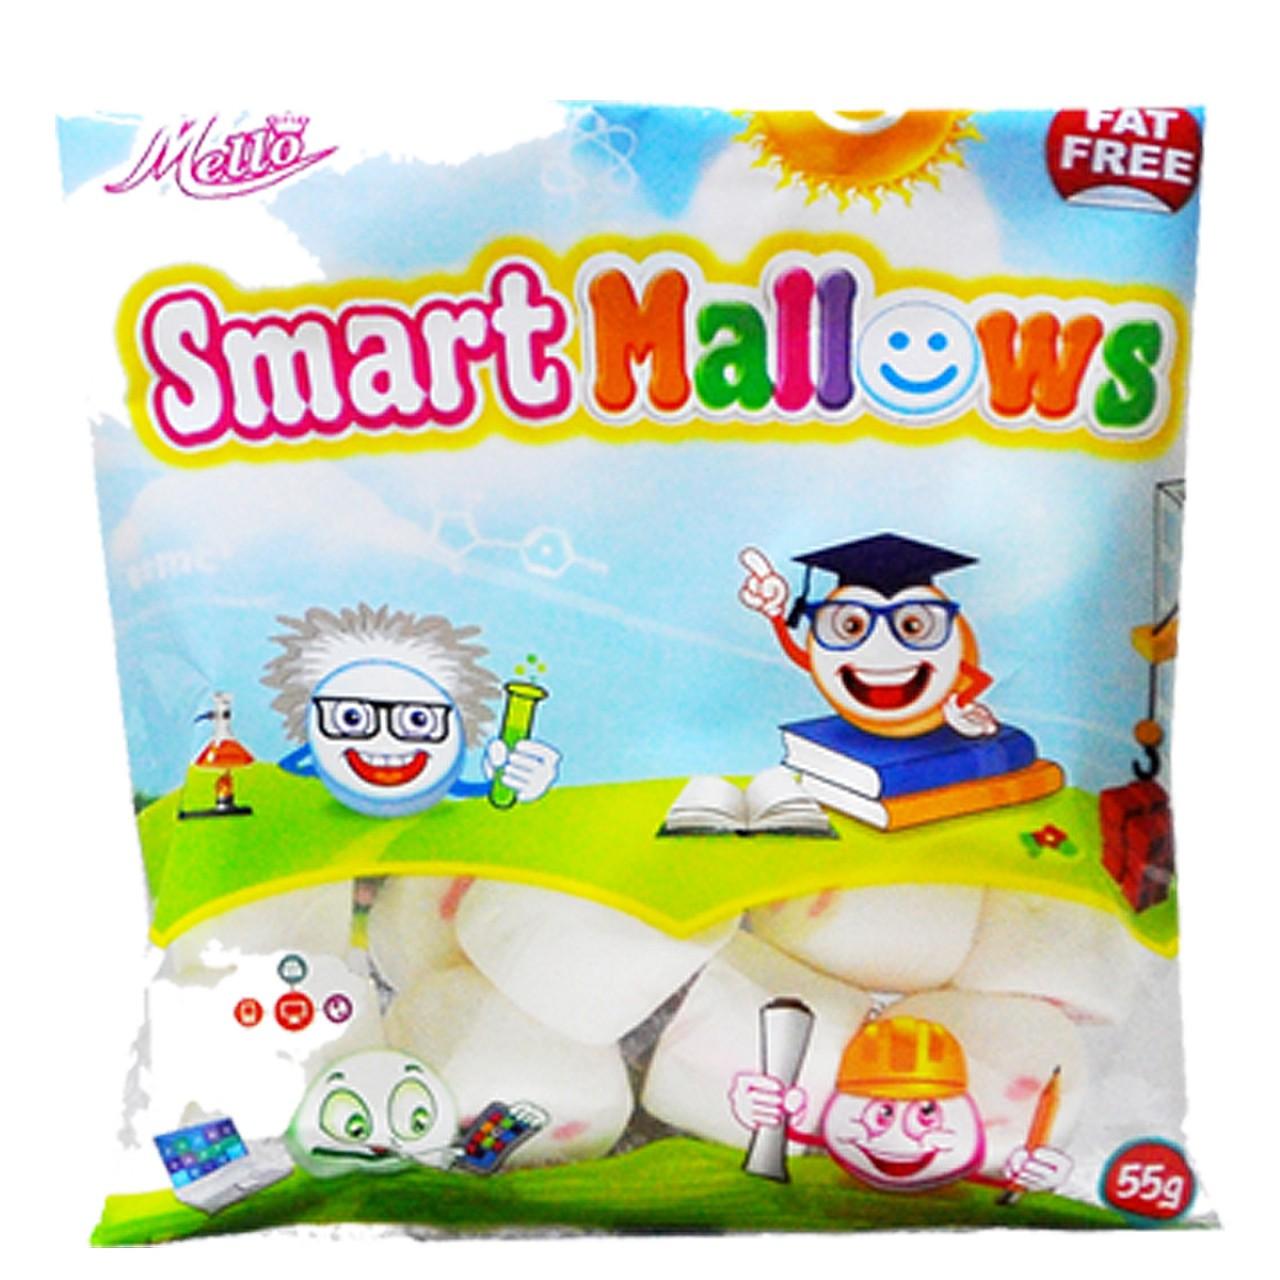 SMART MALLOWS 55G